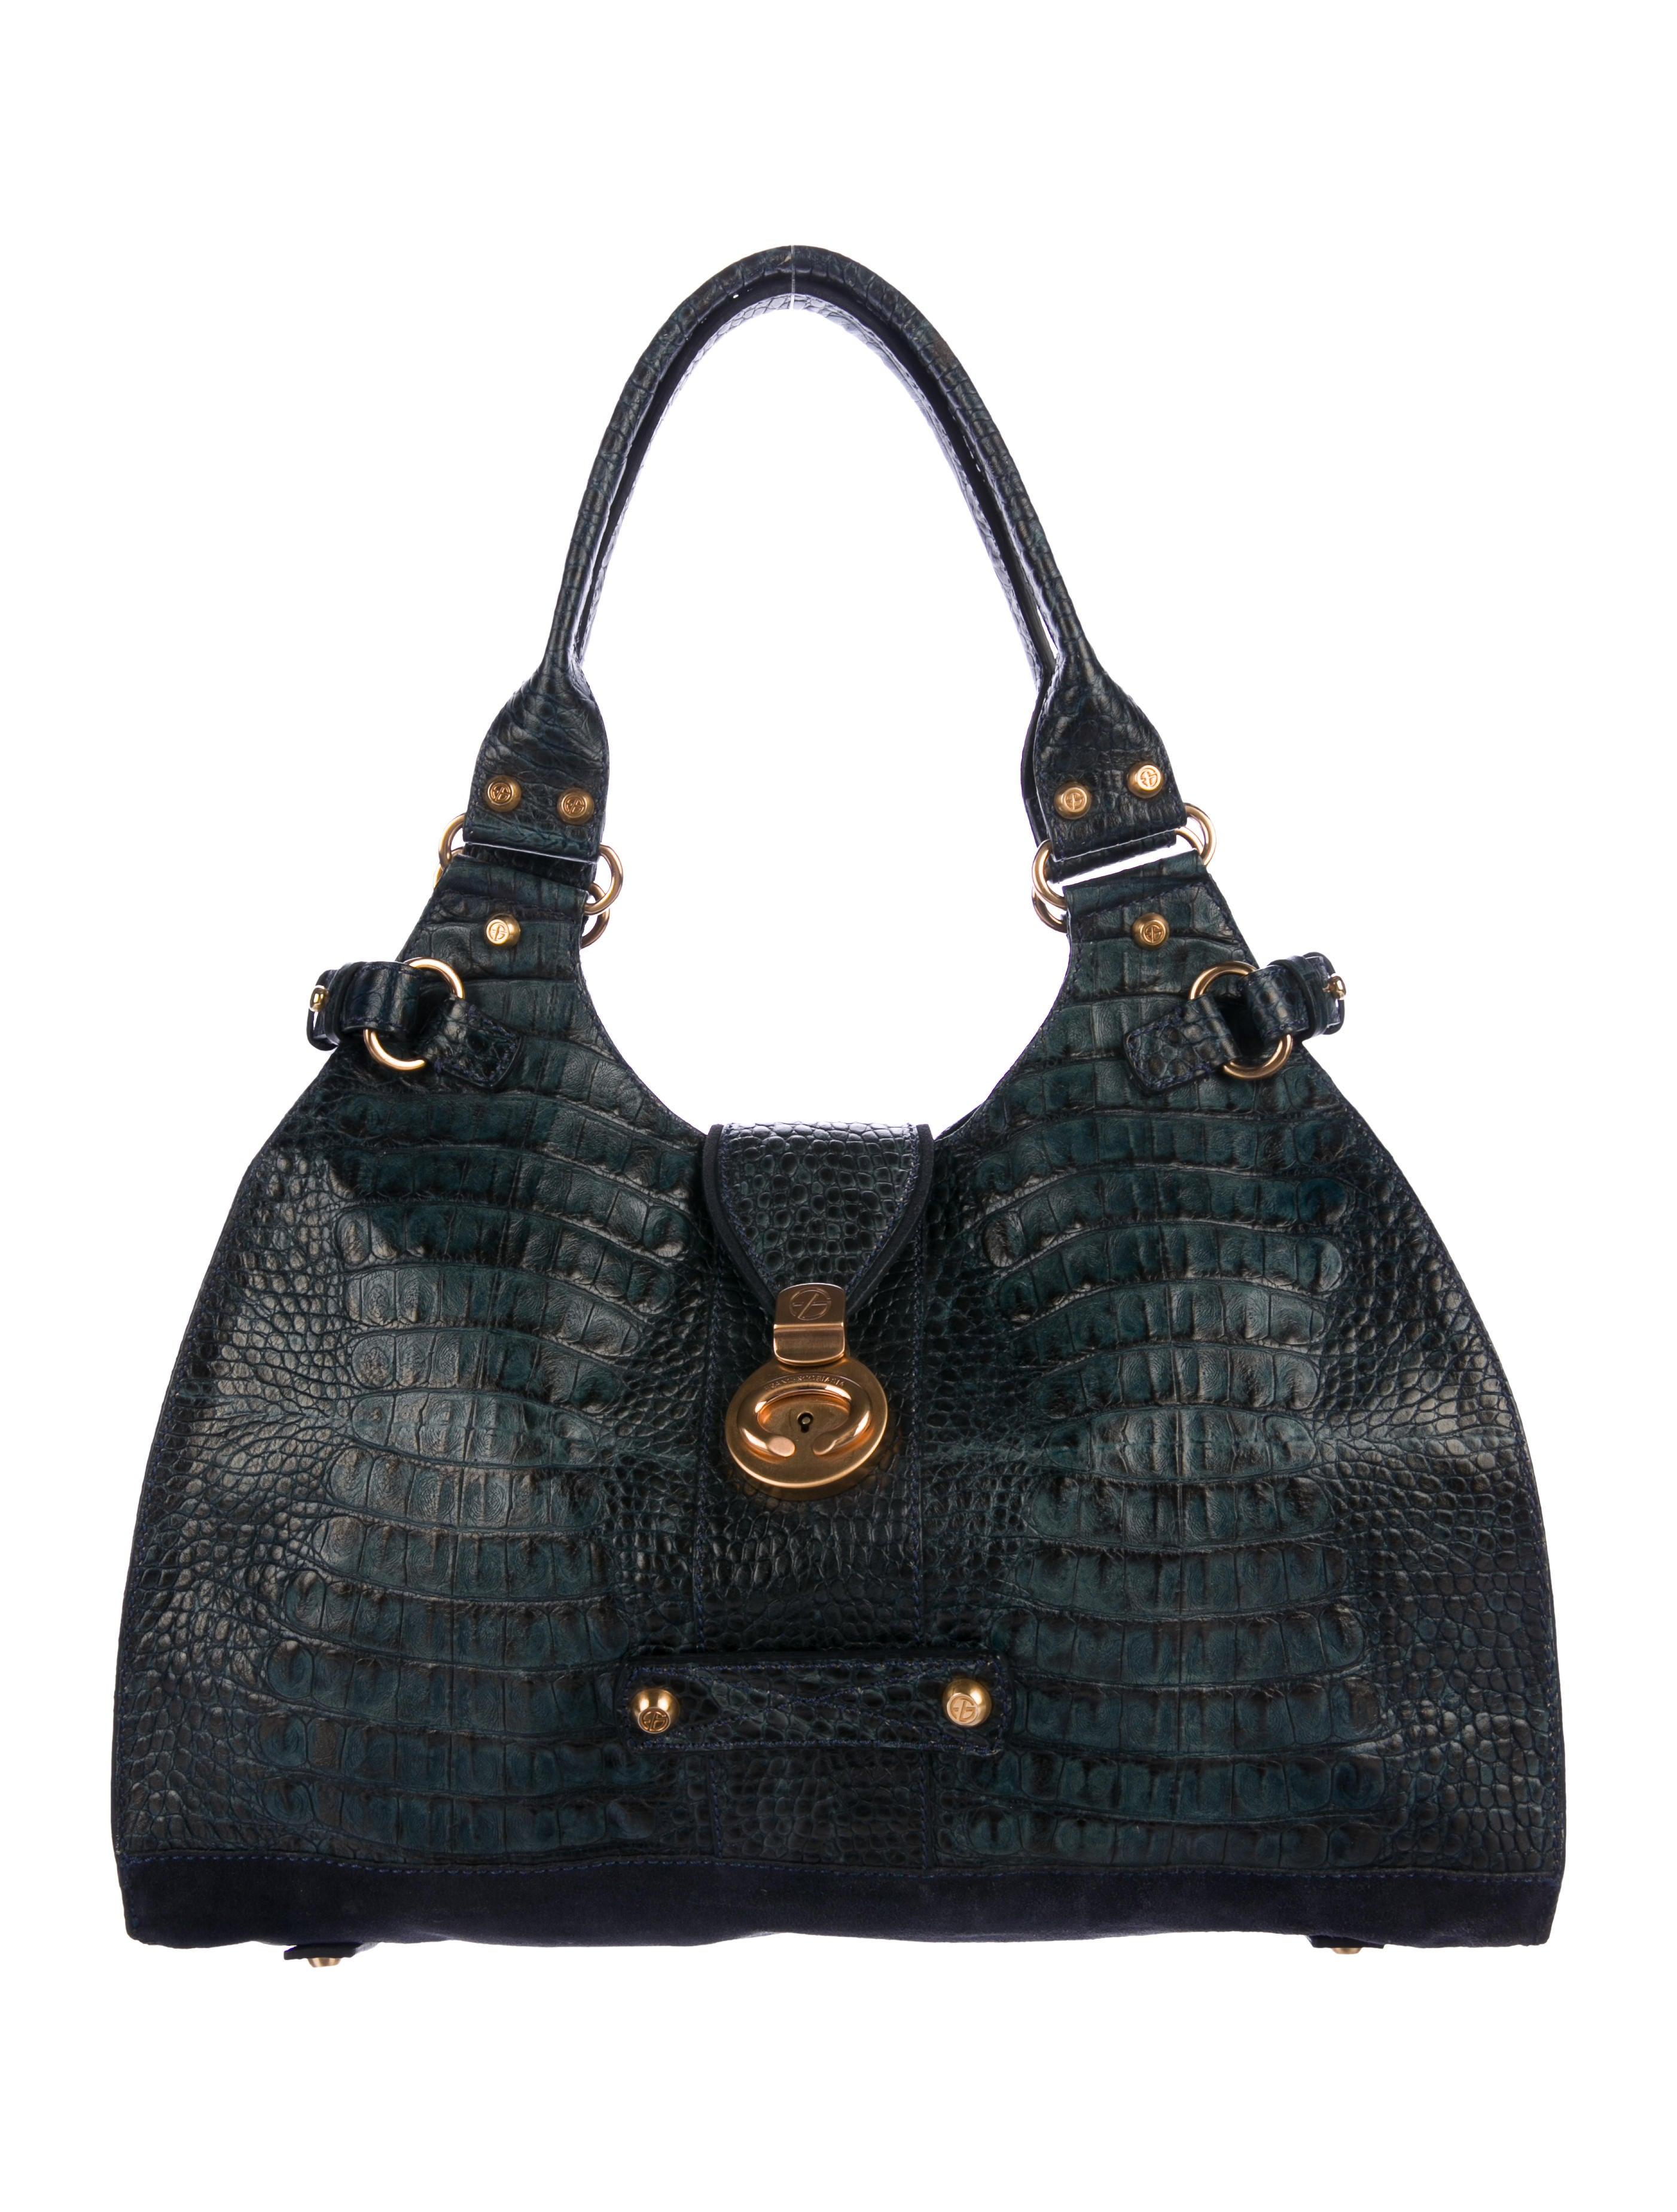 3d175d09ffd94 Biasia Embossed Francesco Shoulder Leather Bag 41nwRd in shambles ...